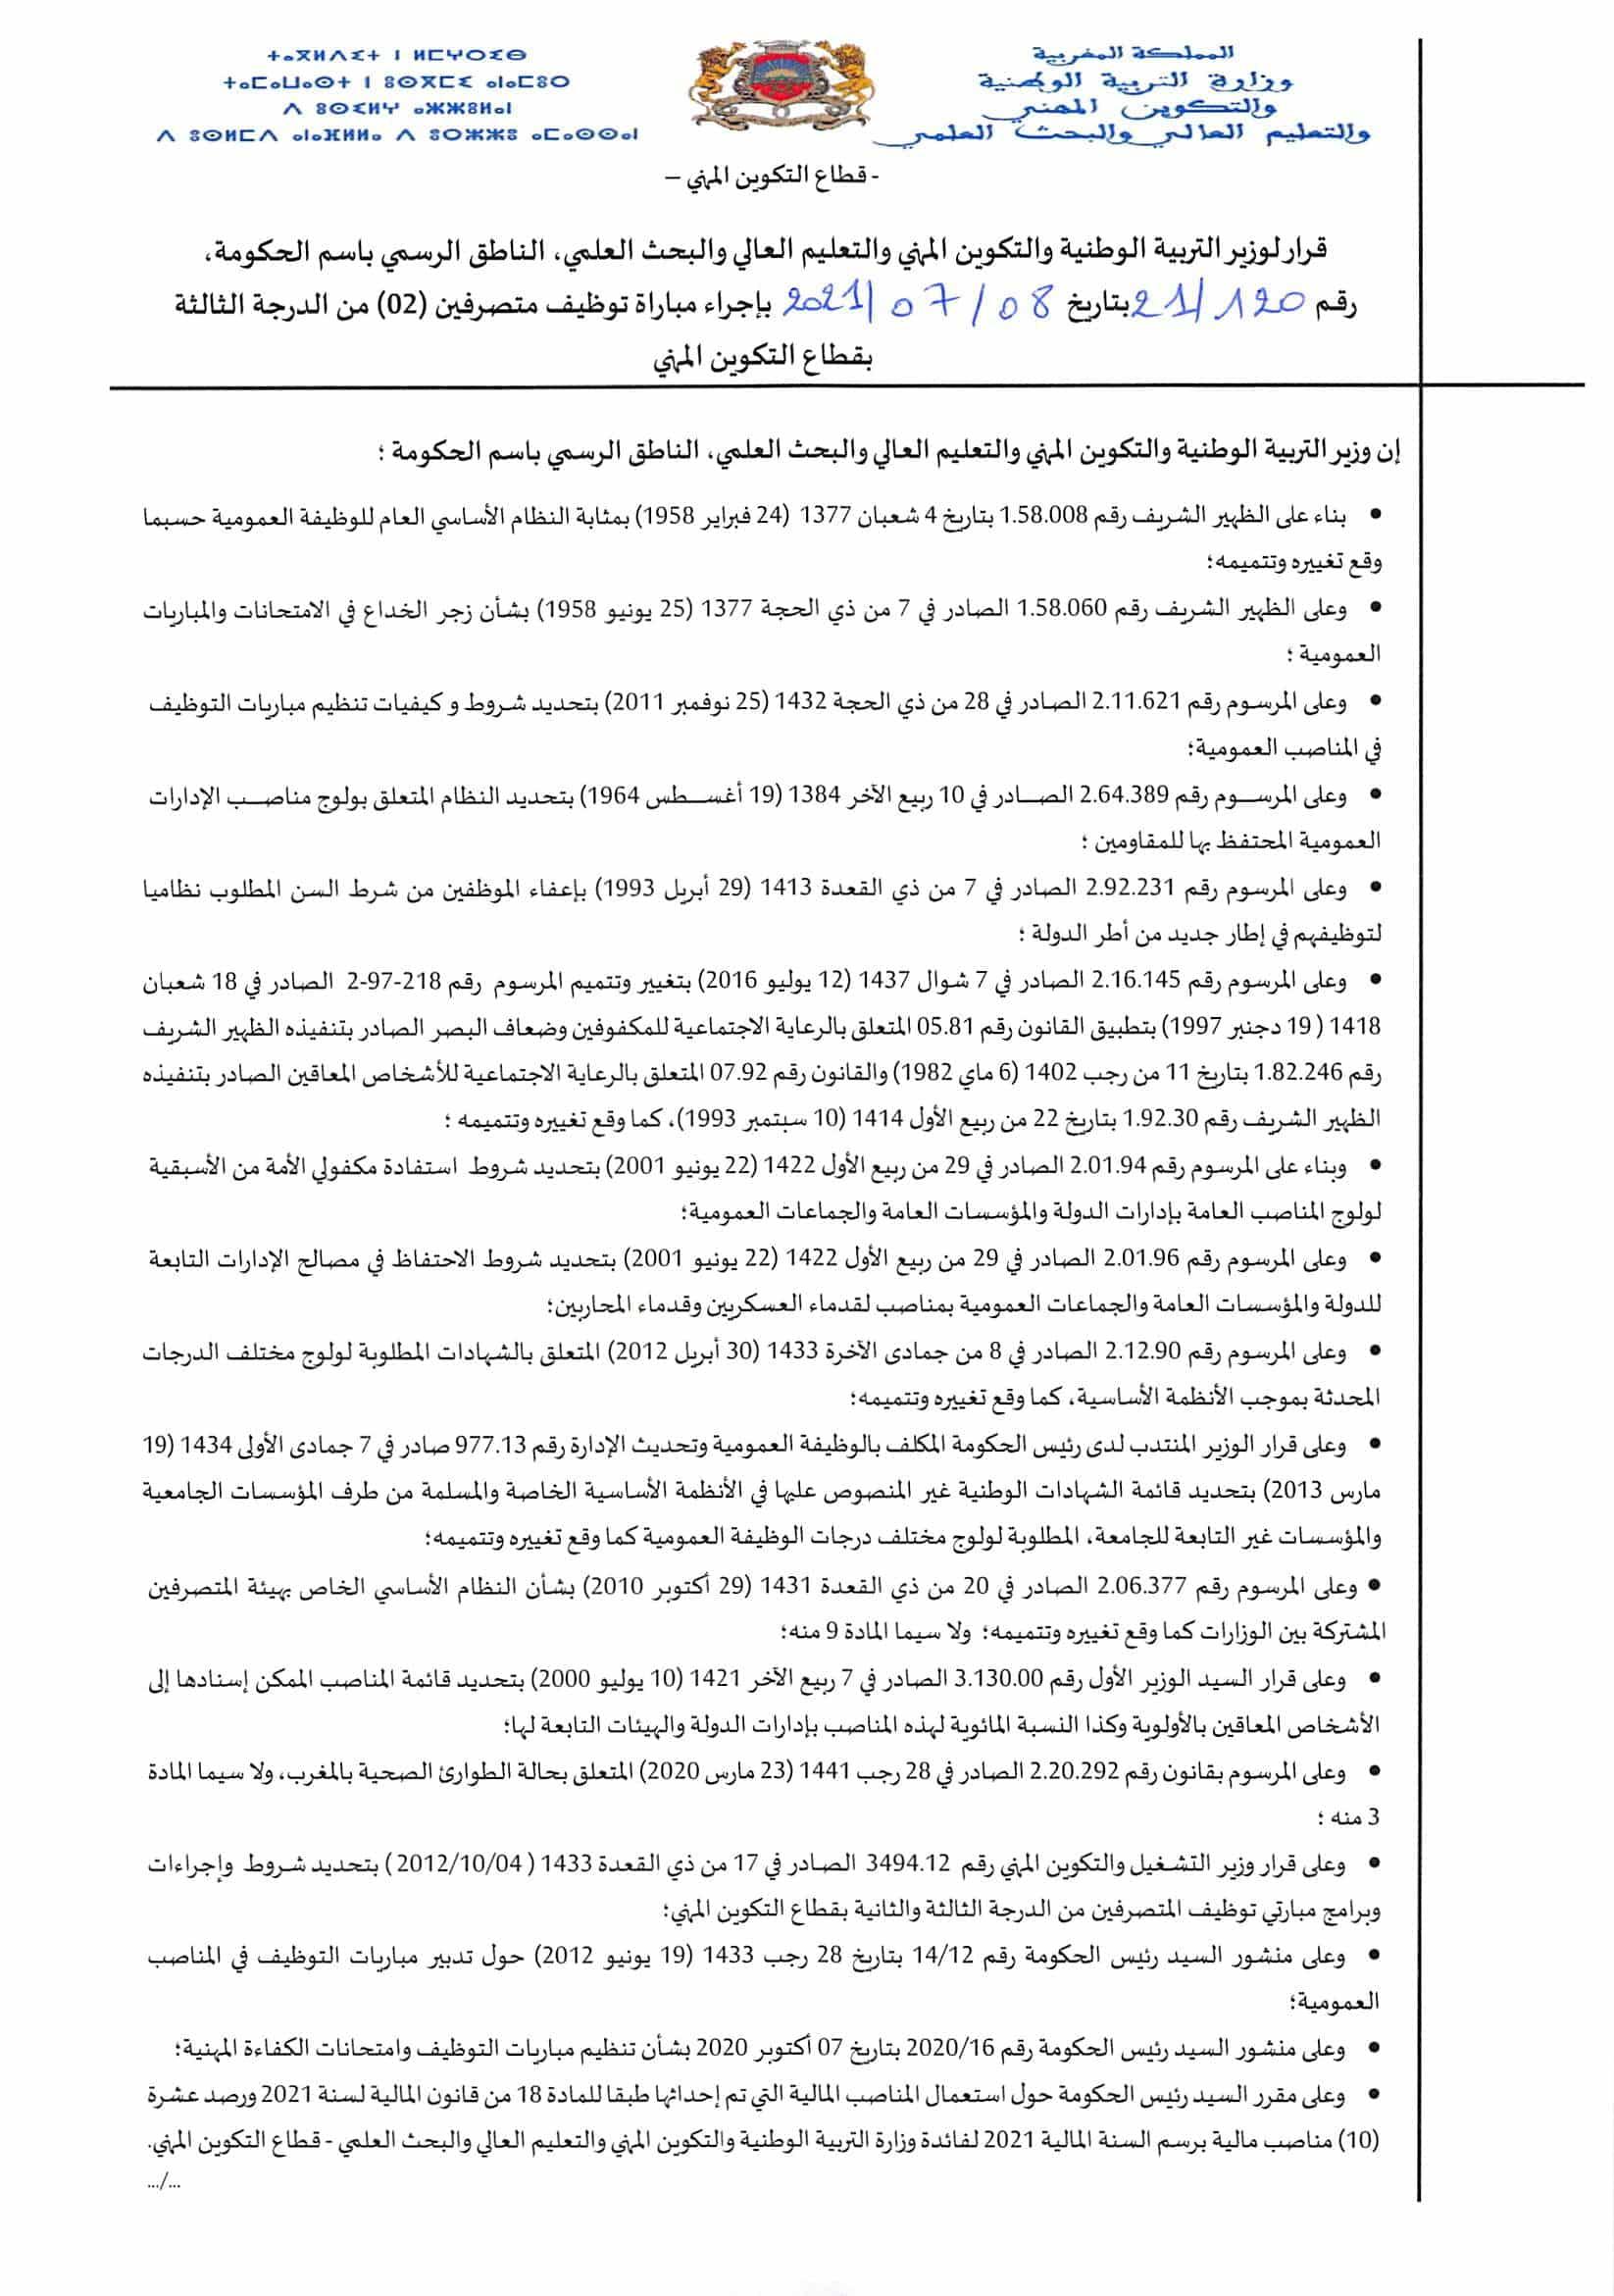 36 1 1 Résultats Concours Ministère de l'Education Nationale 2021 (10 Postes)